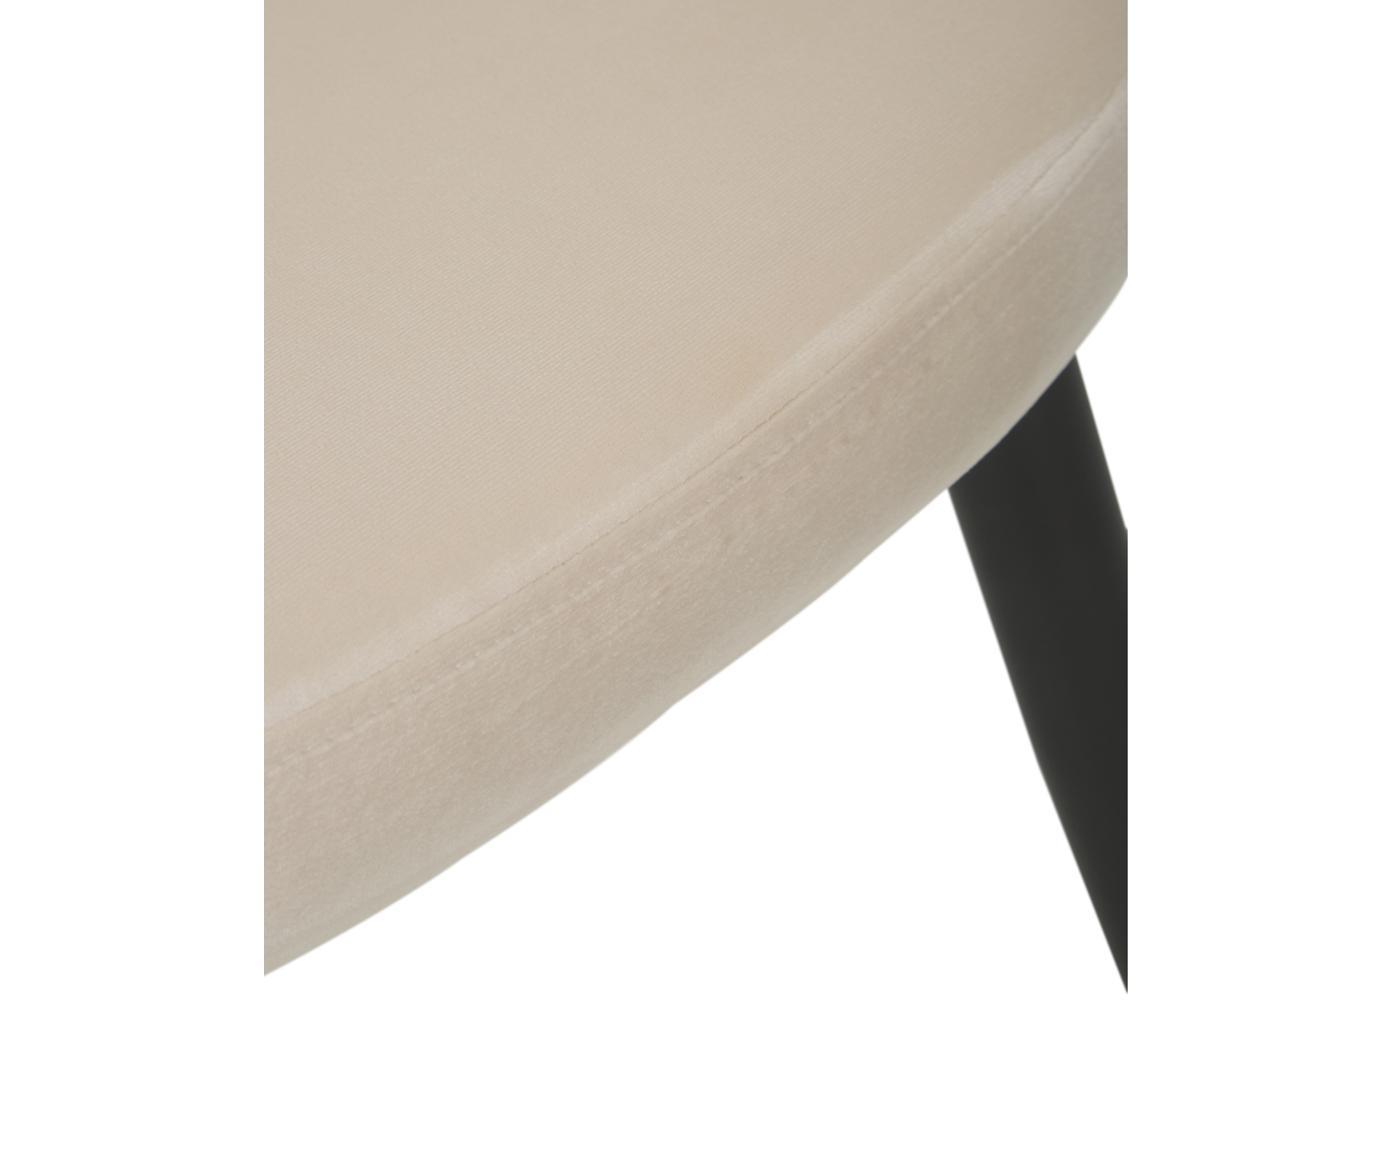 Moderne Samt-Polsterstühle Amy, 2 Stück, Bezug: Samt (Polyester) 25.000 S, Beine: Metall, pulverbeschichtet, Cremeweiß, B 51 x T 55 cm